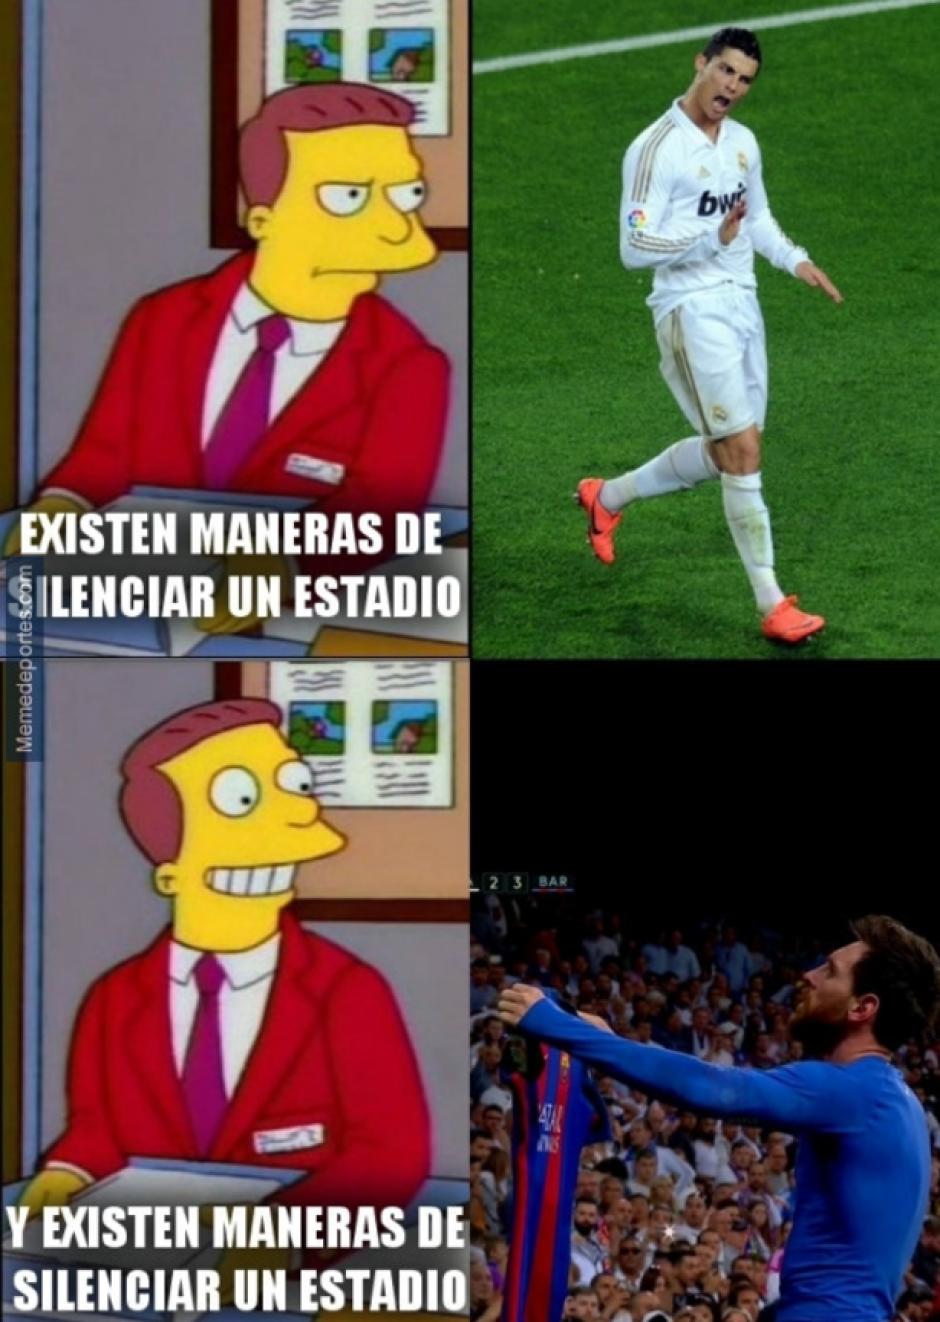 Las burlas en las redes mezclan a Cristiano Ronaldo y a Messi. (Foto: Twitter)